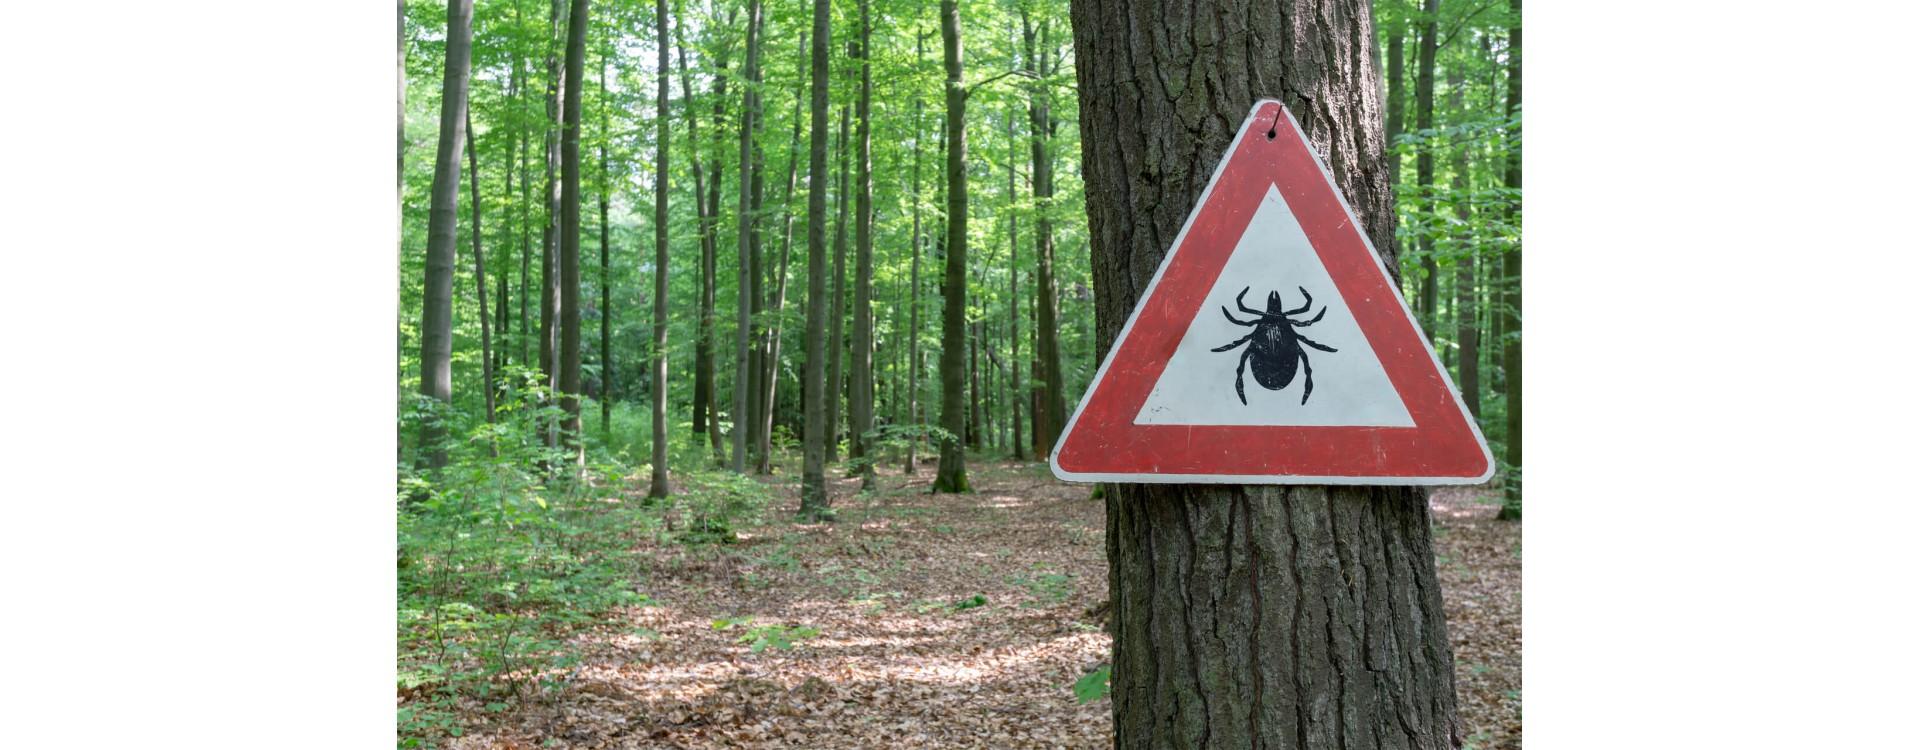 Malattie del legno: come eliminare i tarli del legno, gli insetti e i funghi